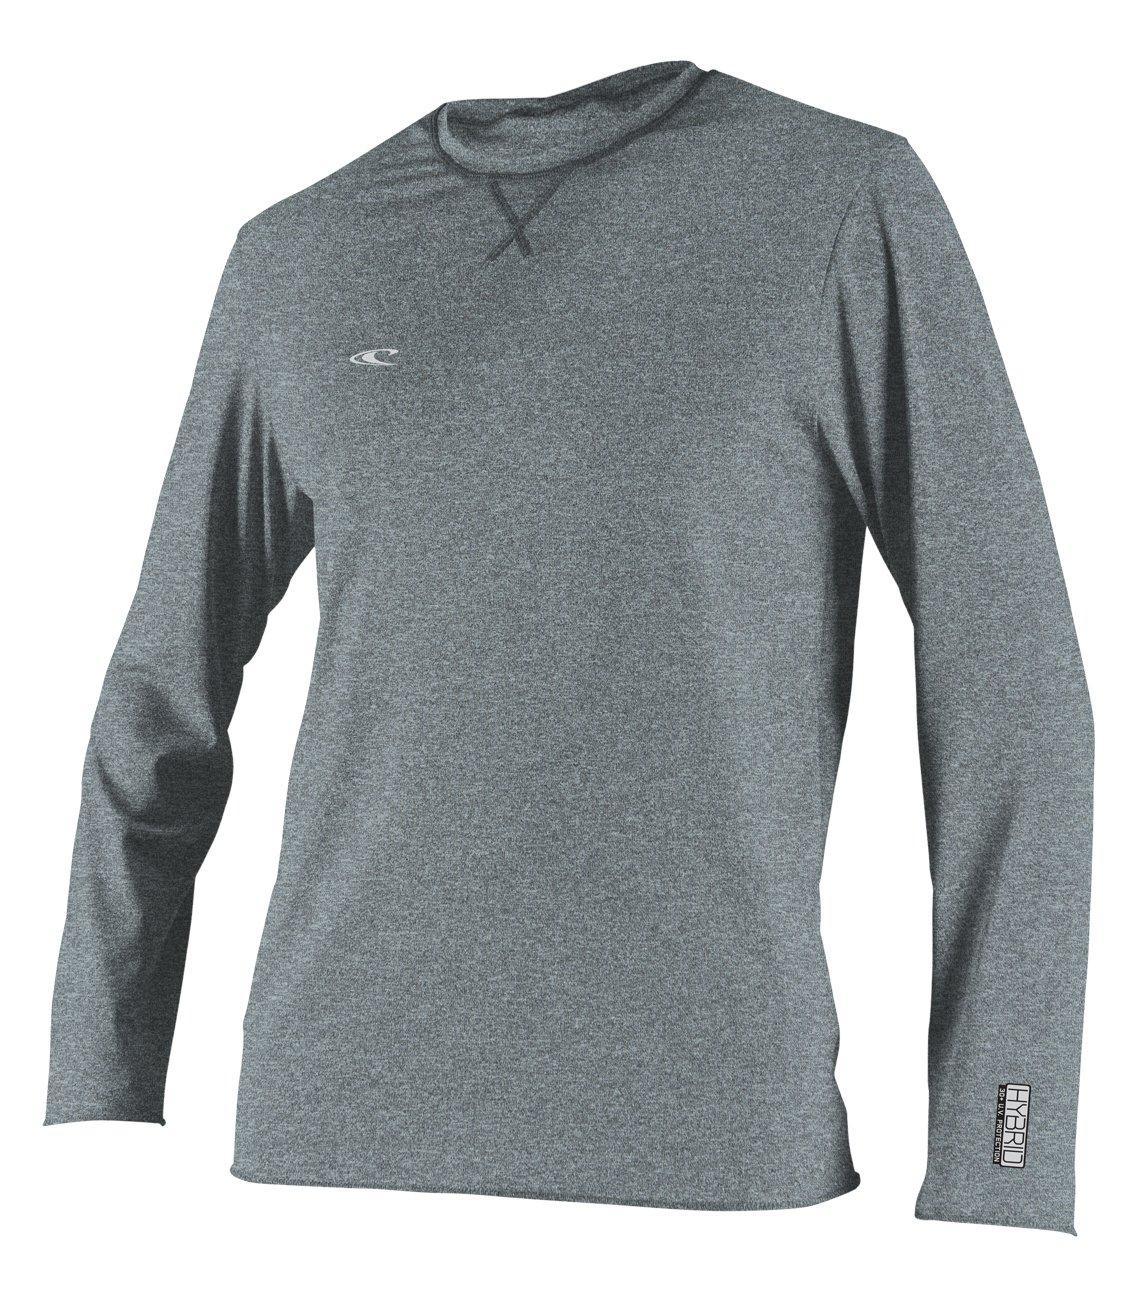 O'Neill   Men's Hybrid UPF 50+ Long Sleeve Sun Shirt,Cool Grey,Medium by O'Neill Wetsuits